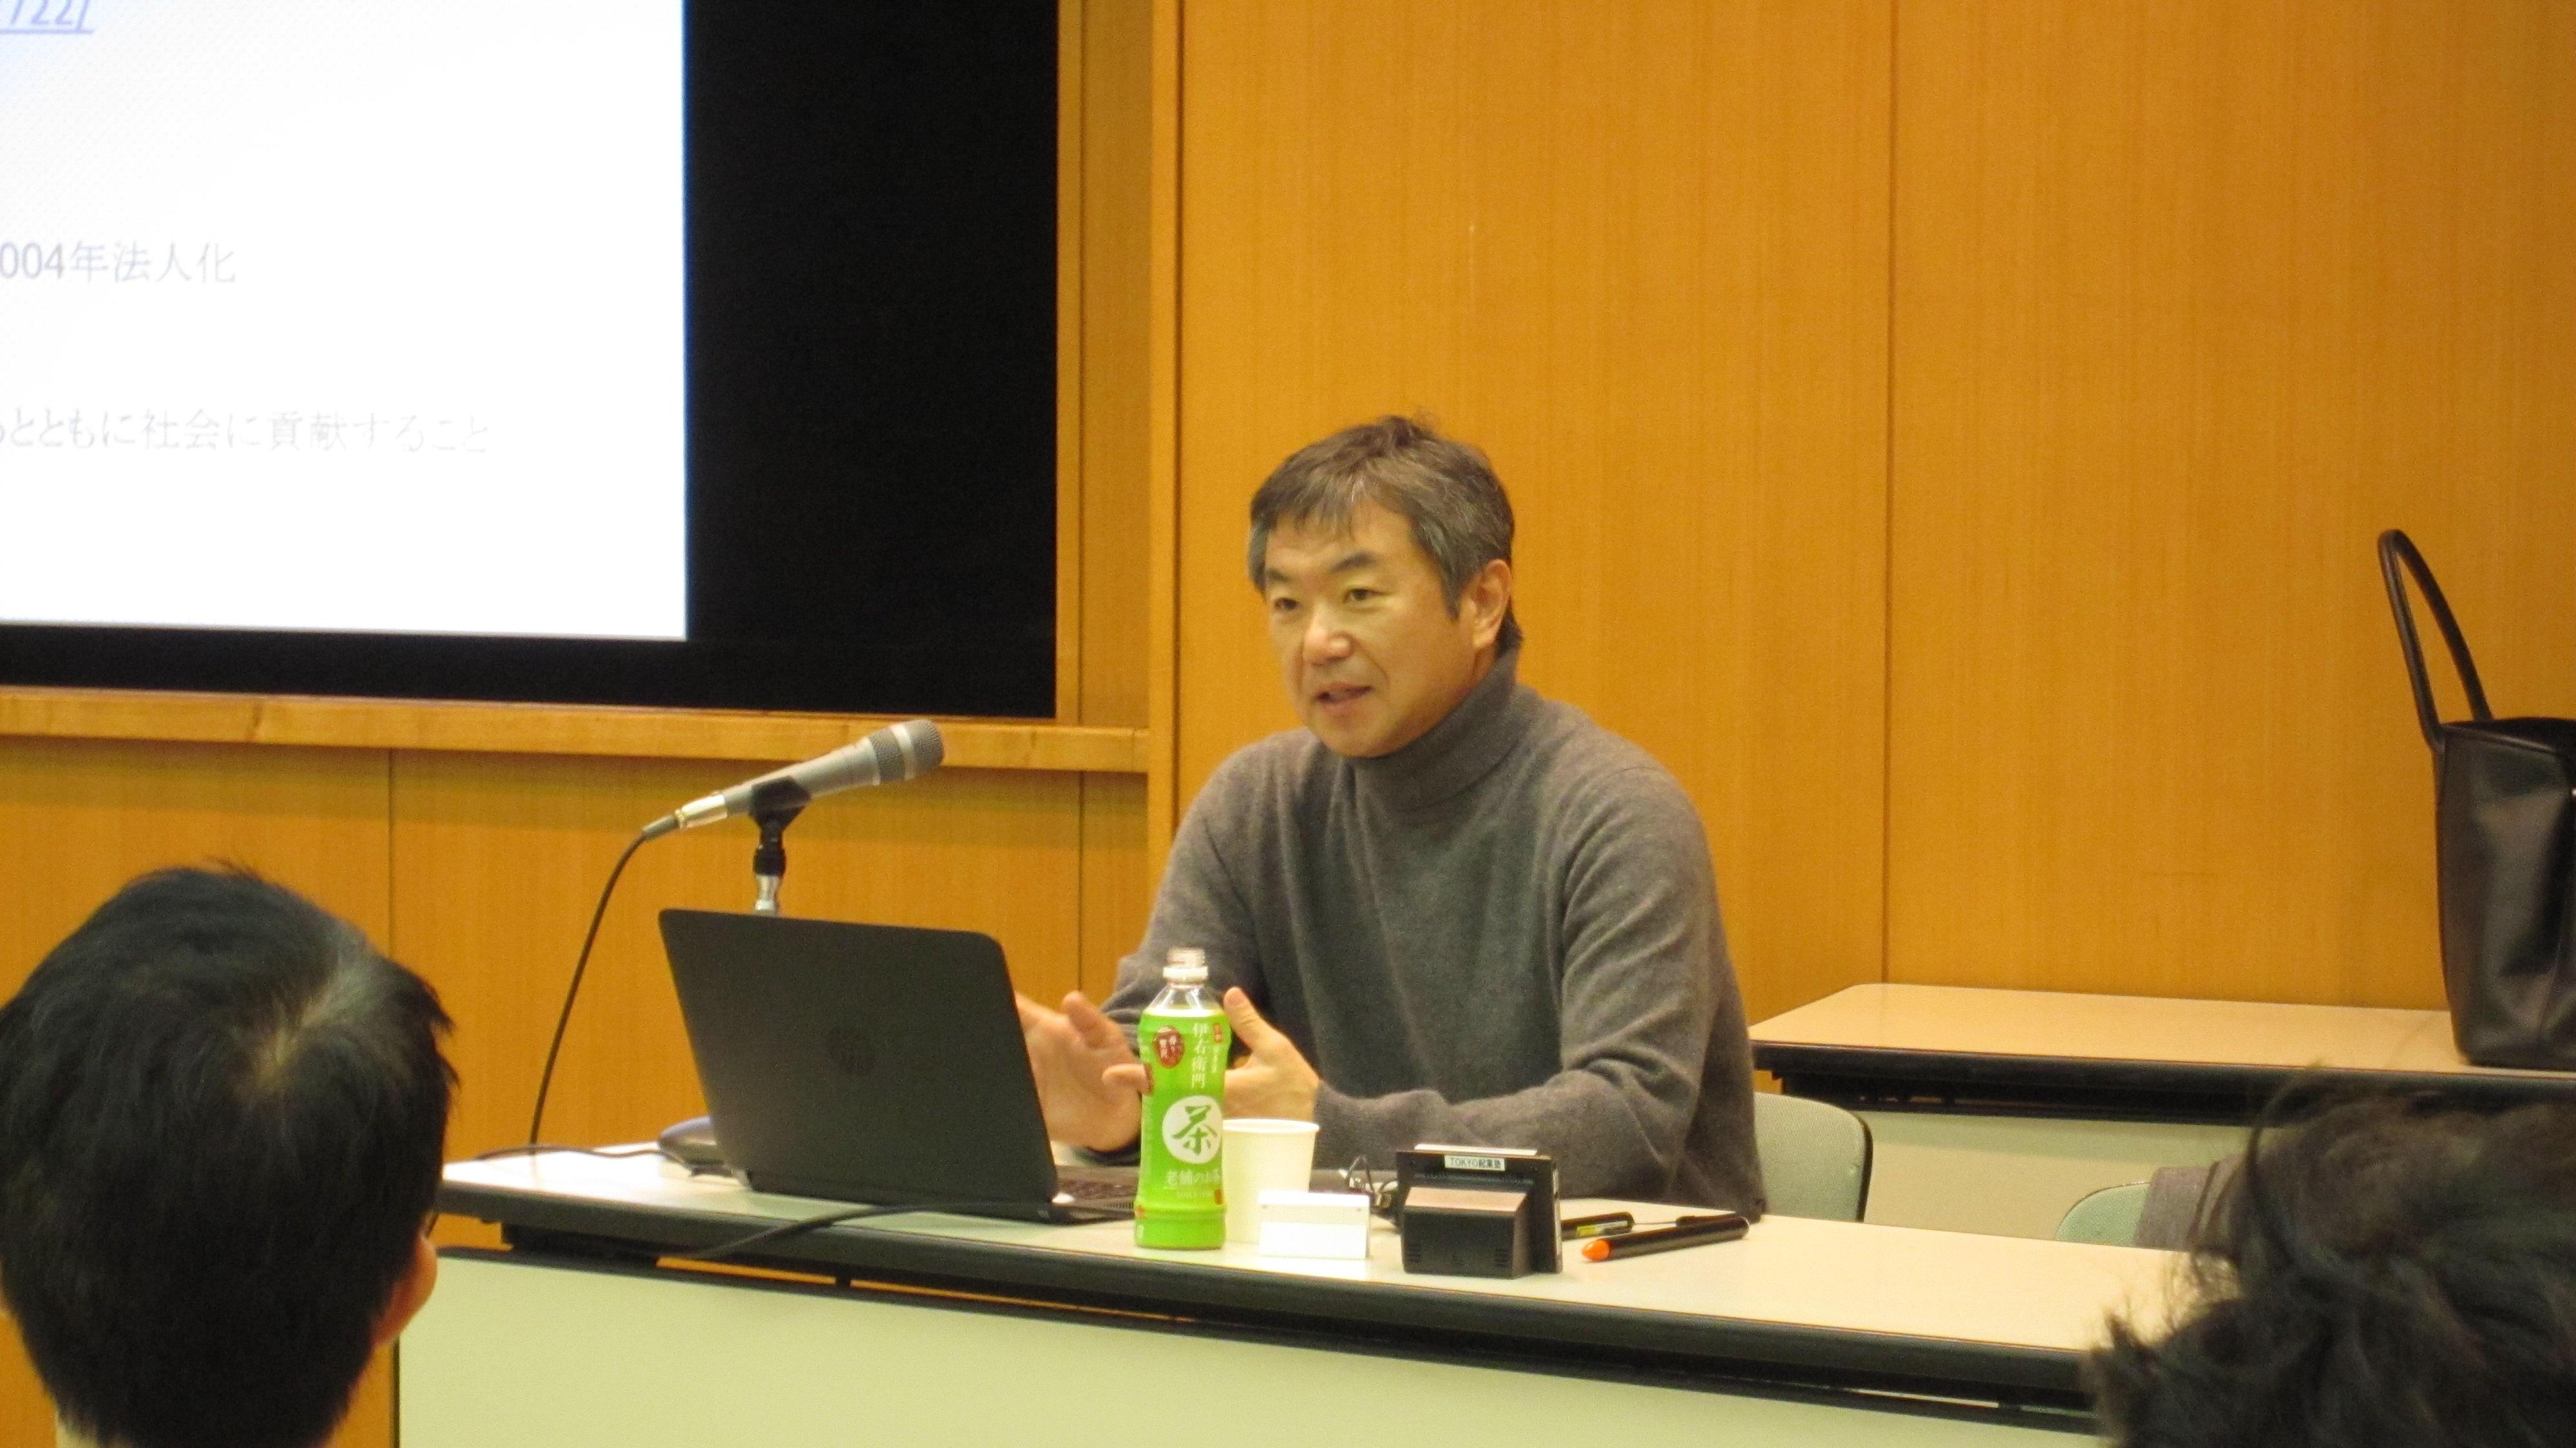 TOKYO起業塾「スタートアップ支援プログラムSTARS」 で、「ベンチャー法務のポイント」と題する講演を行いました。